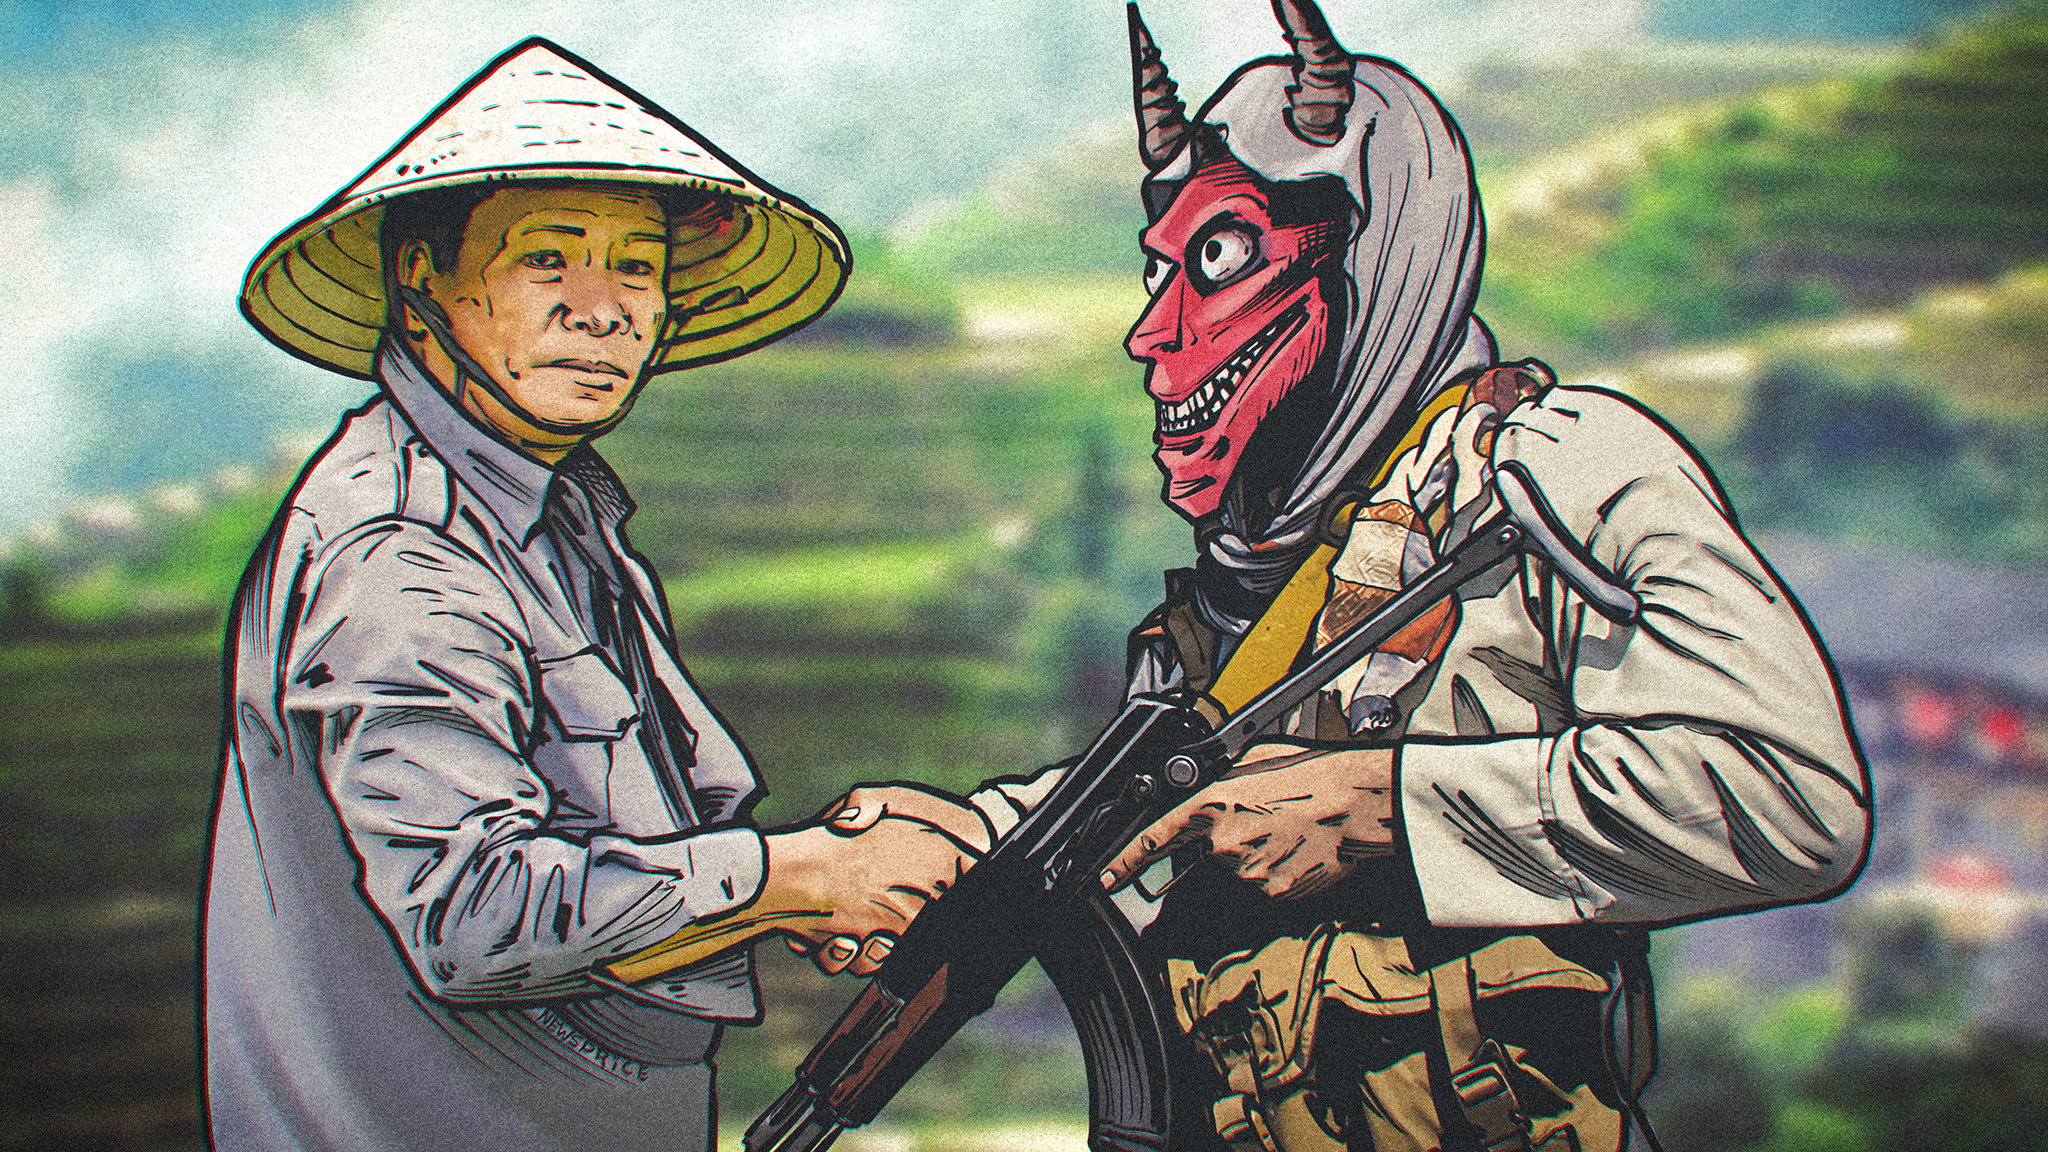 «Сделка с дьяволом»: почему Китай завязал дружбу с Талибаном?